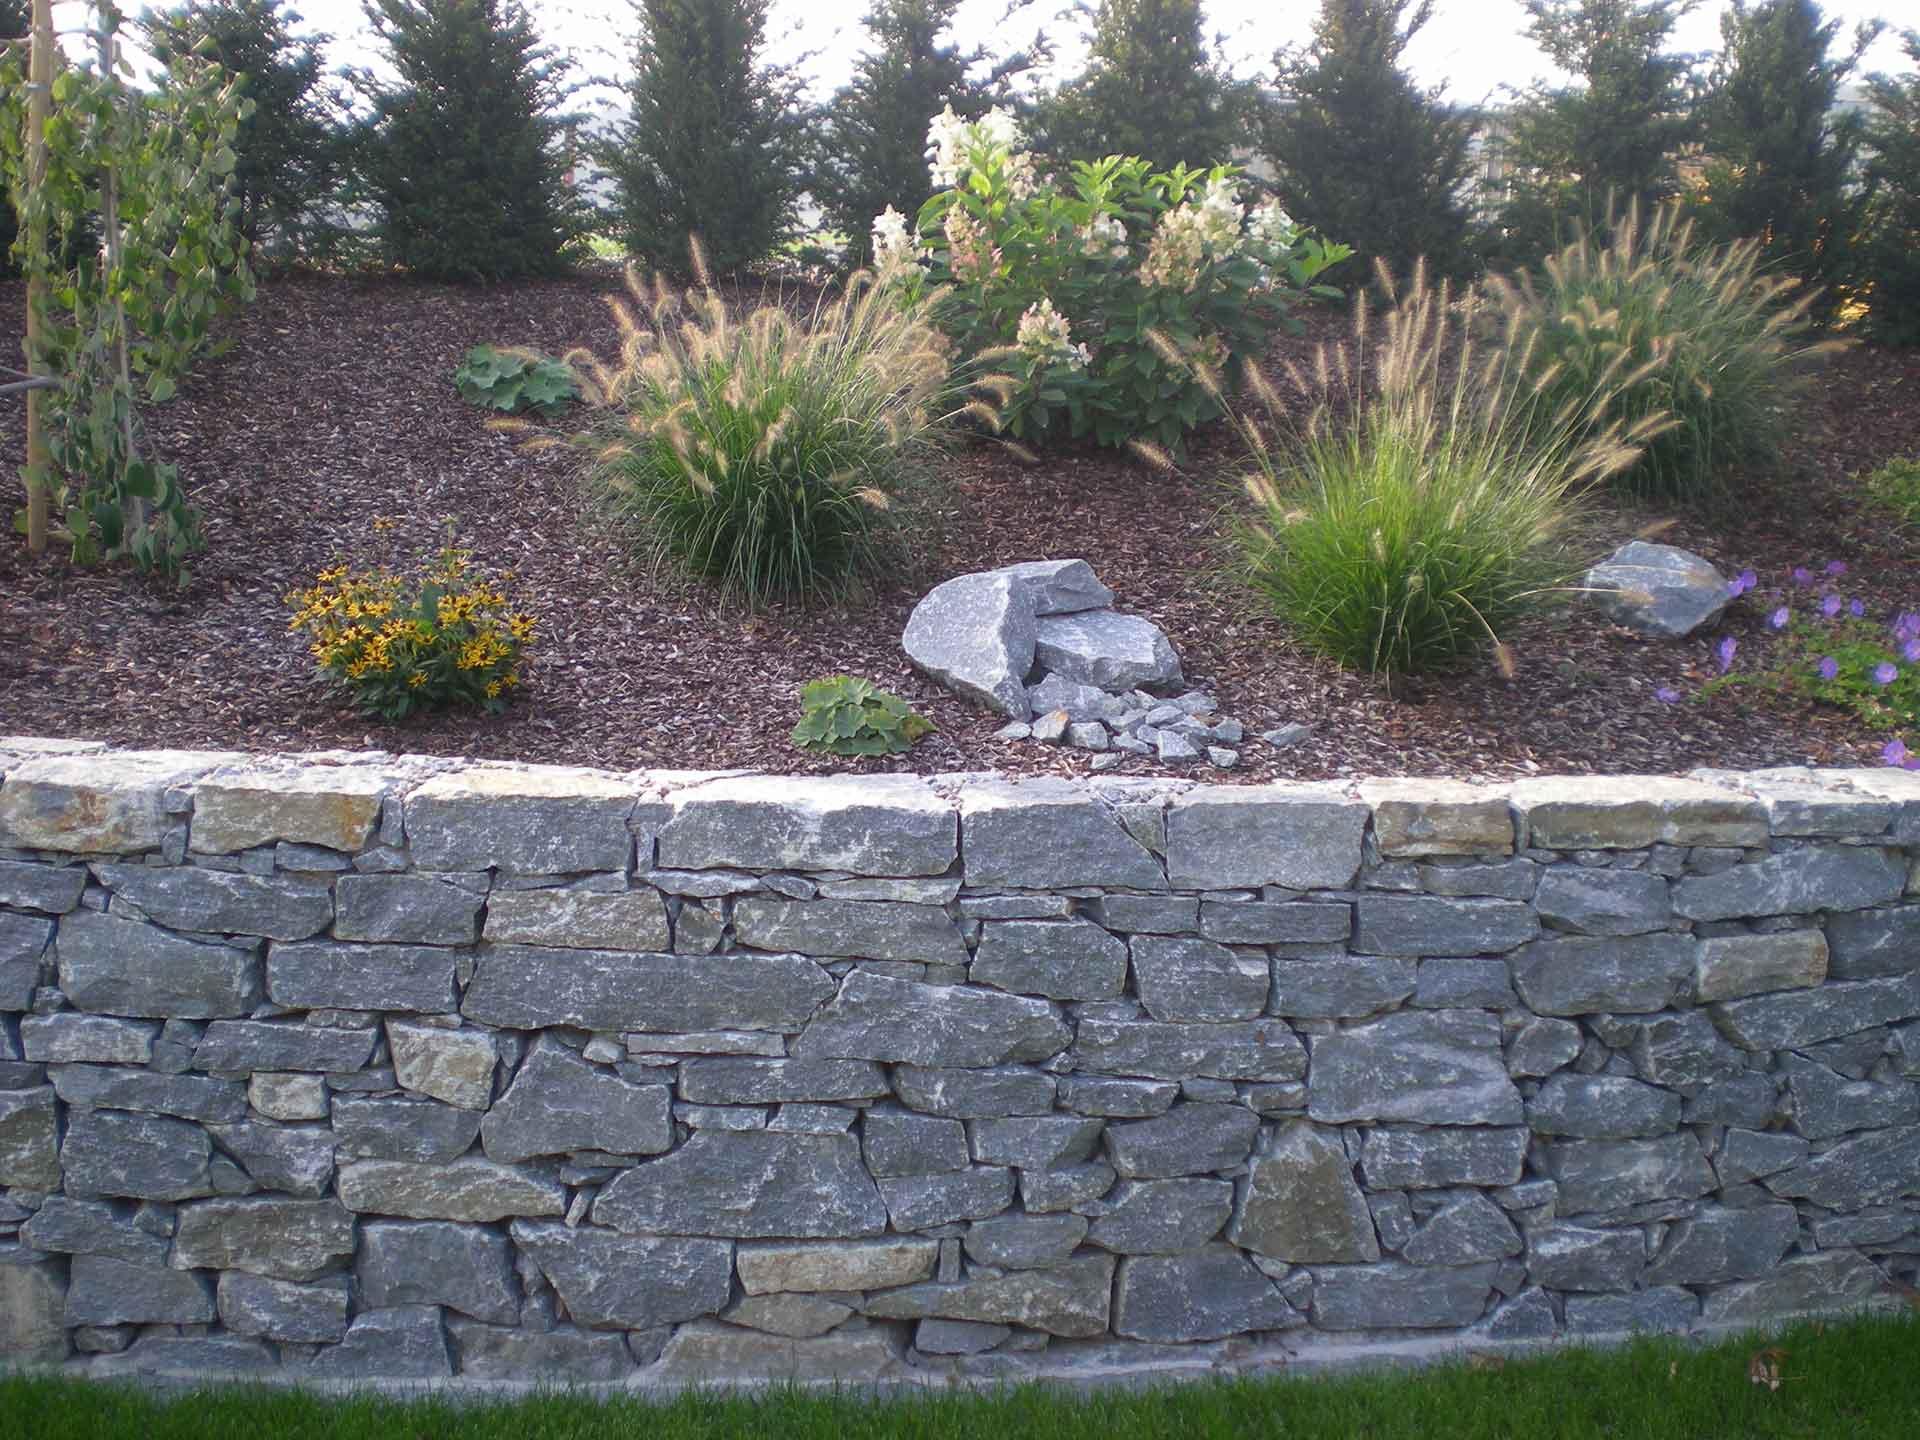 Natursteinmauer mit der Hand verlegt in Beton, Einfriedung, Alpengarten